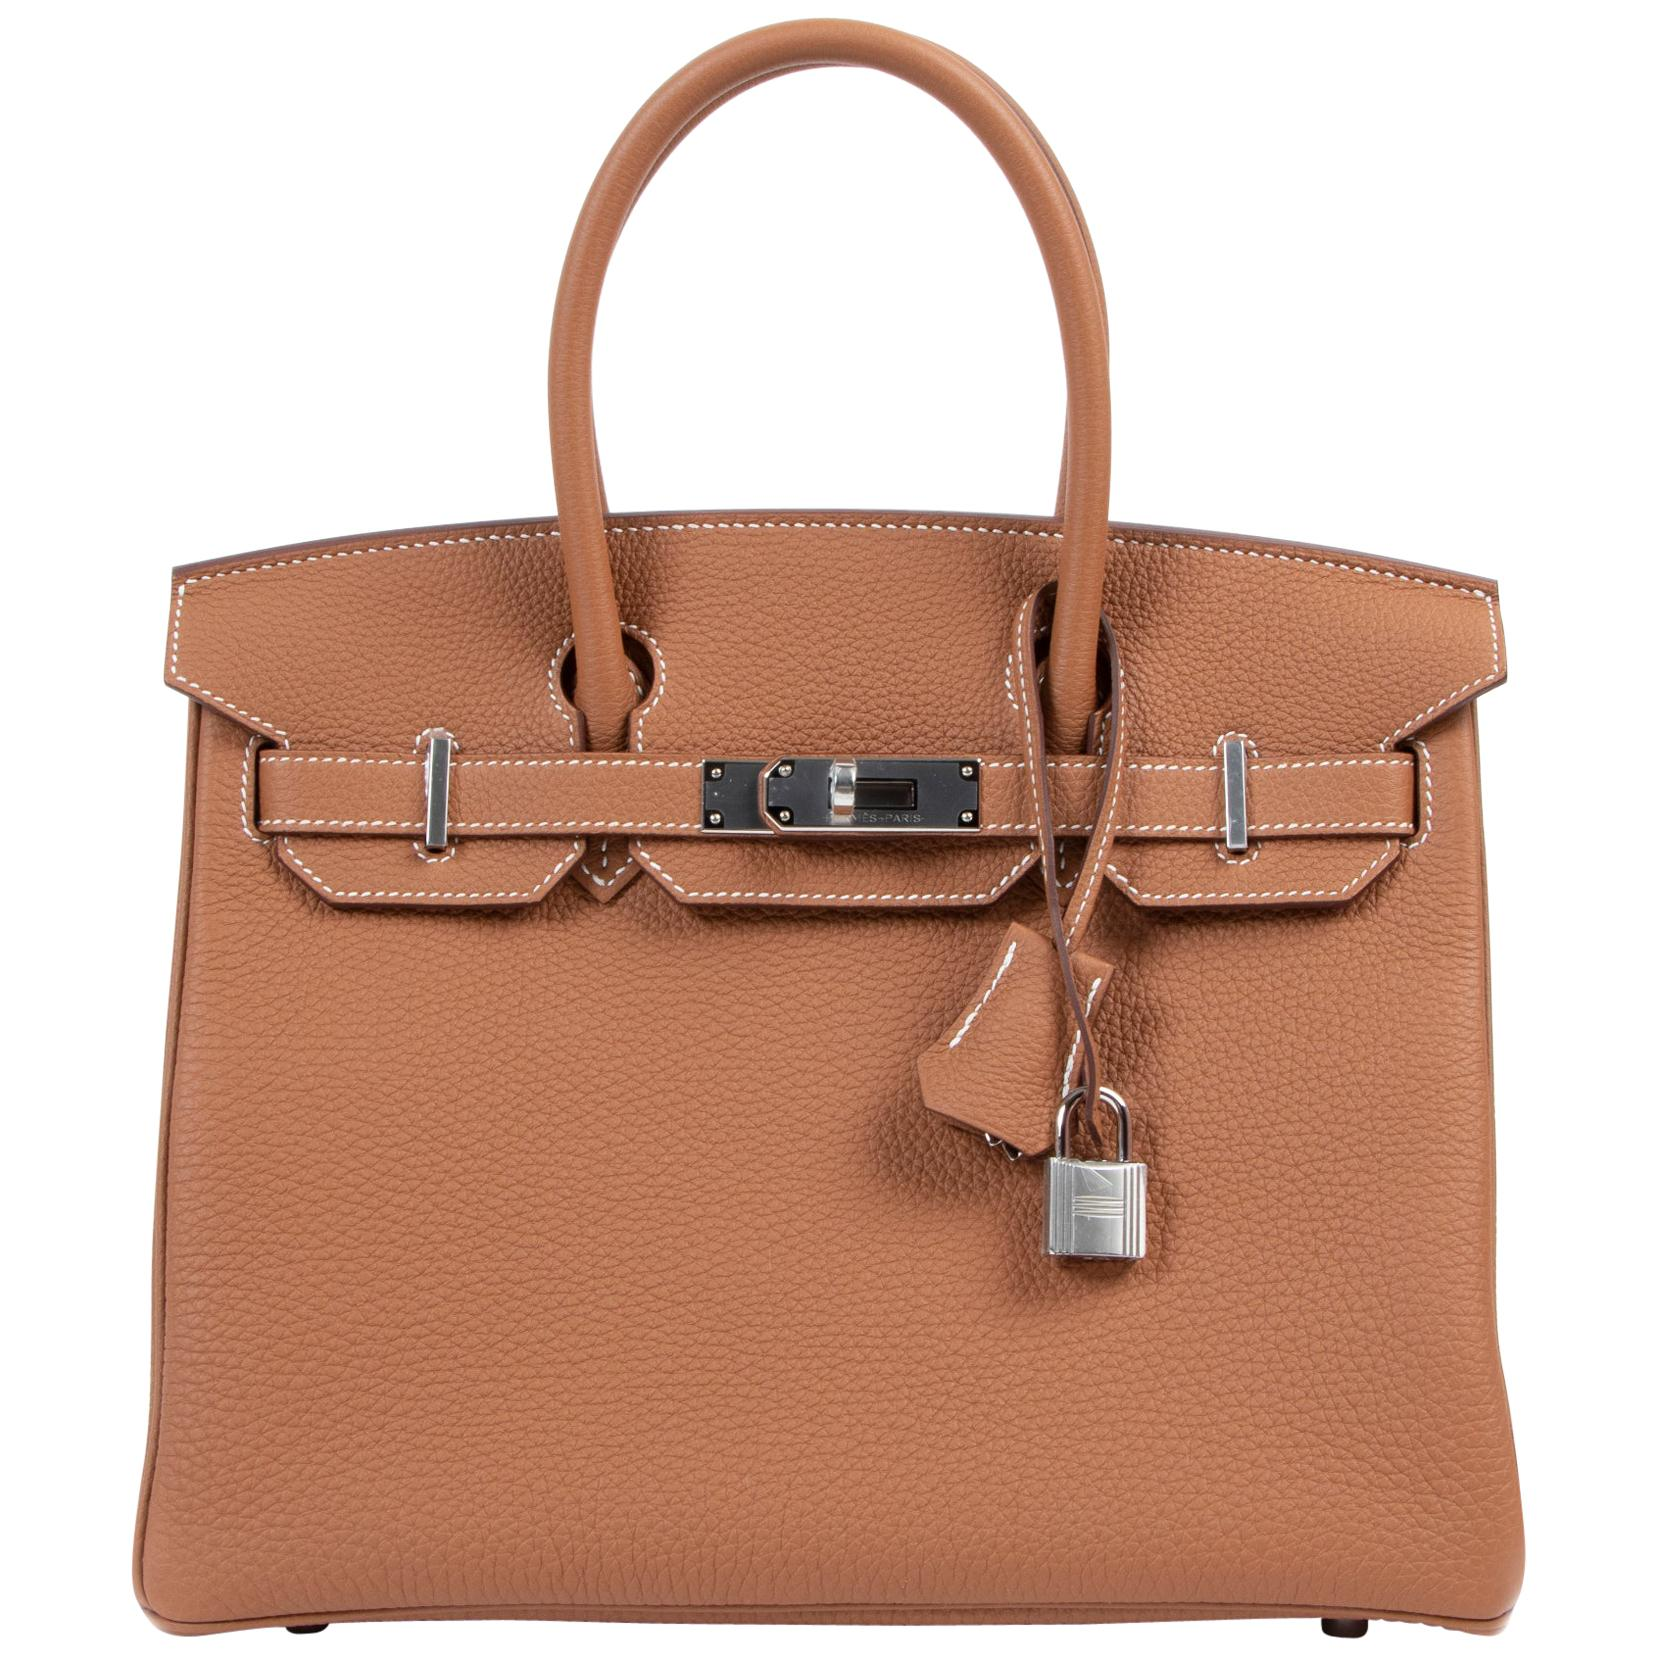 Hermès Birkin 25 Gold Togo GHW